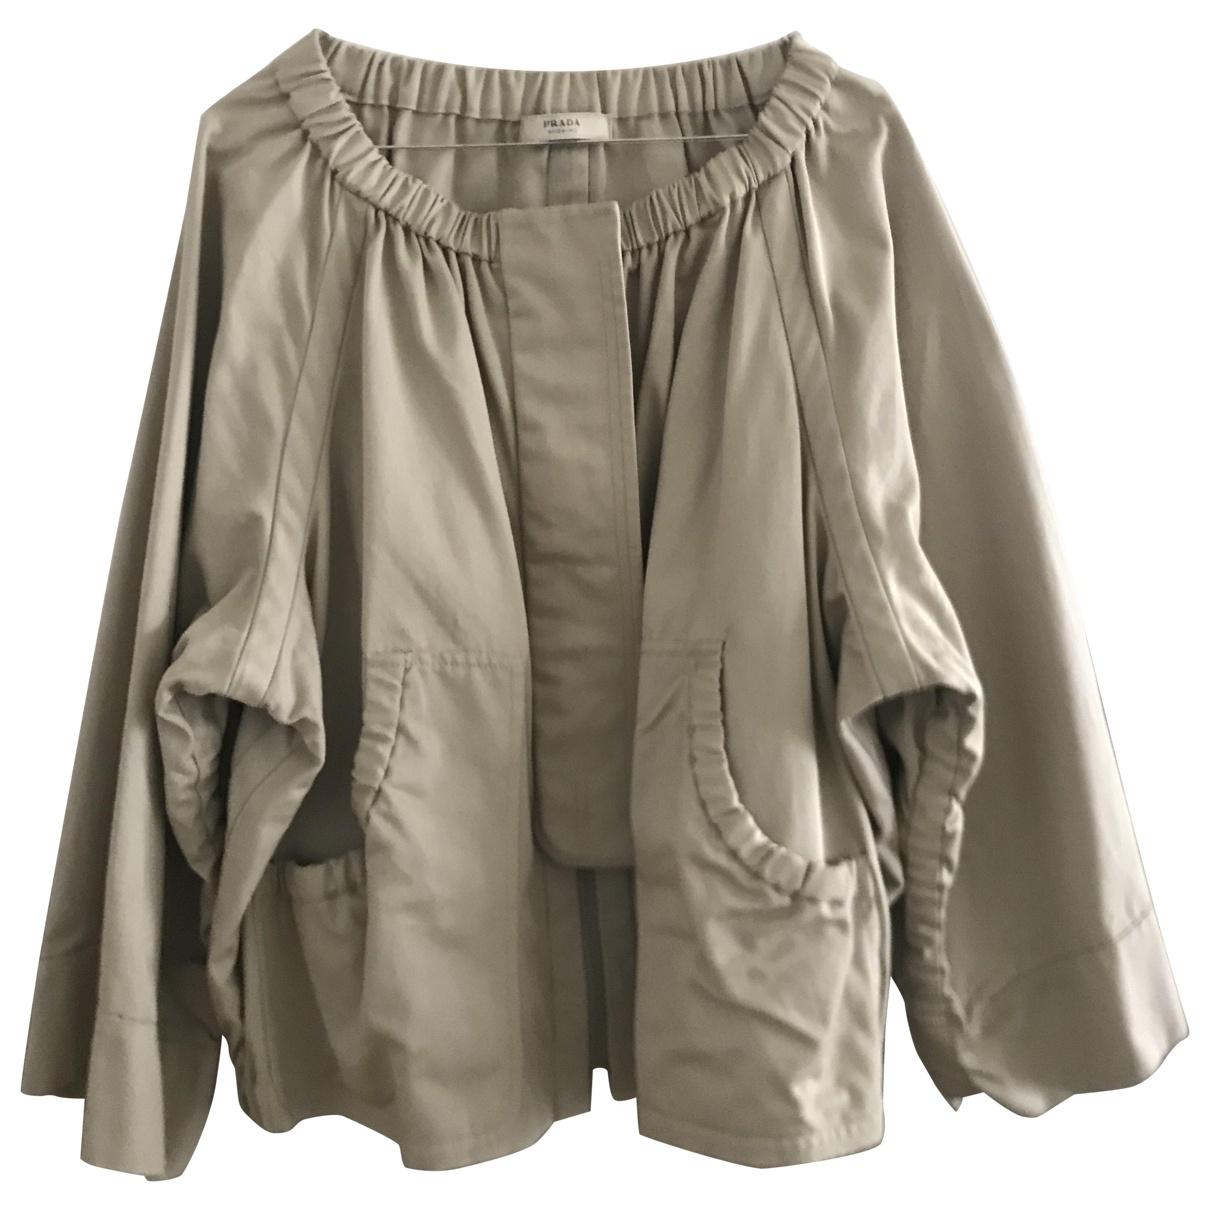 Prada \N Beige Cotton jacket for Women 42 IT